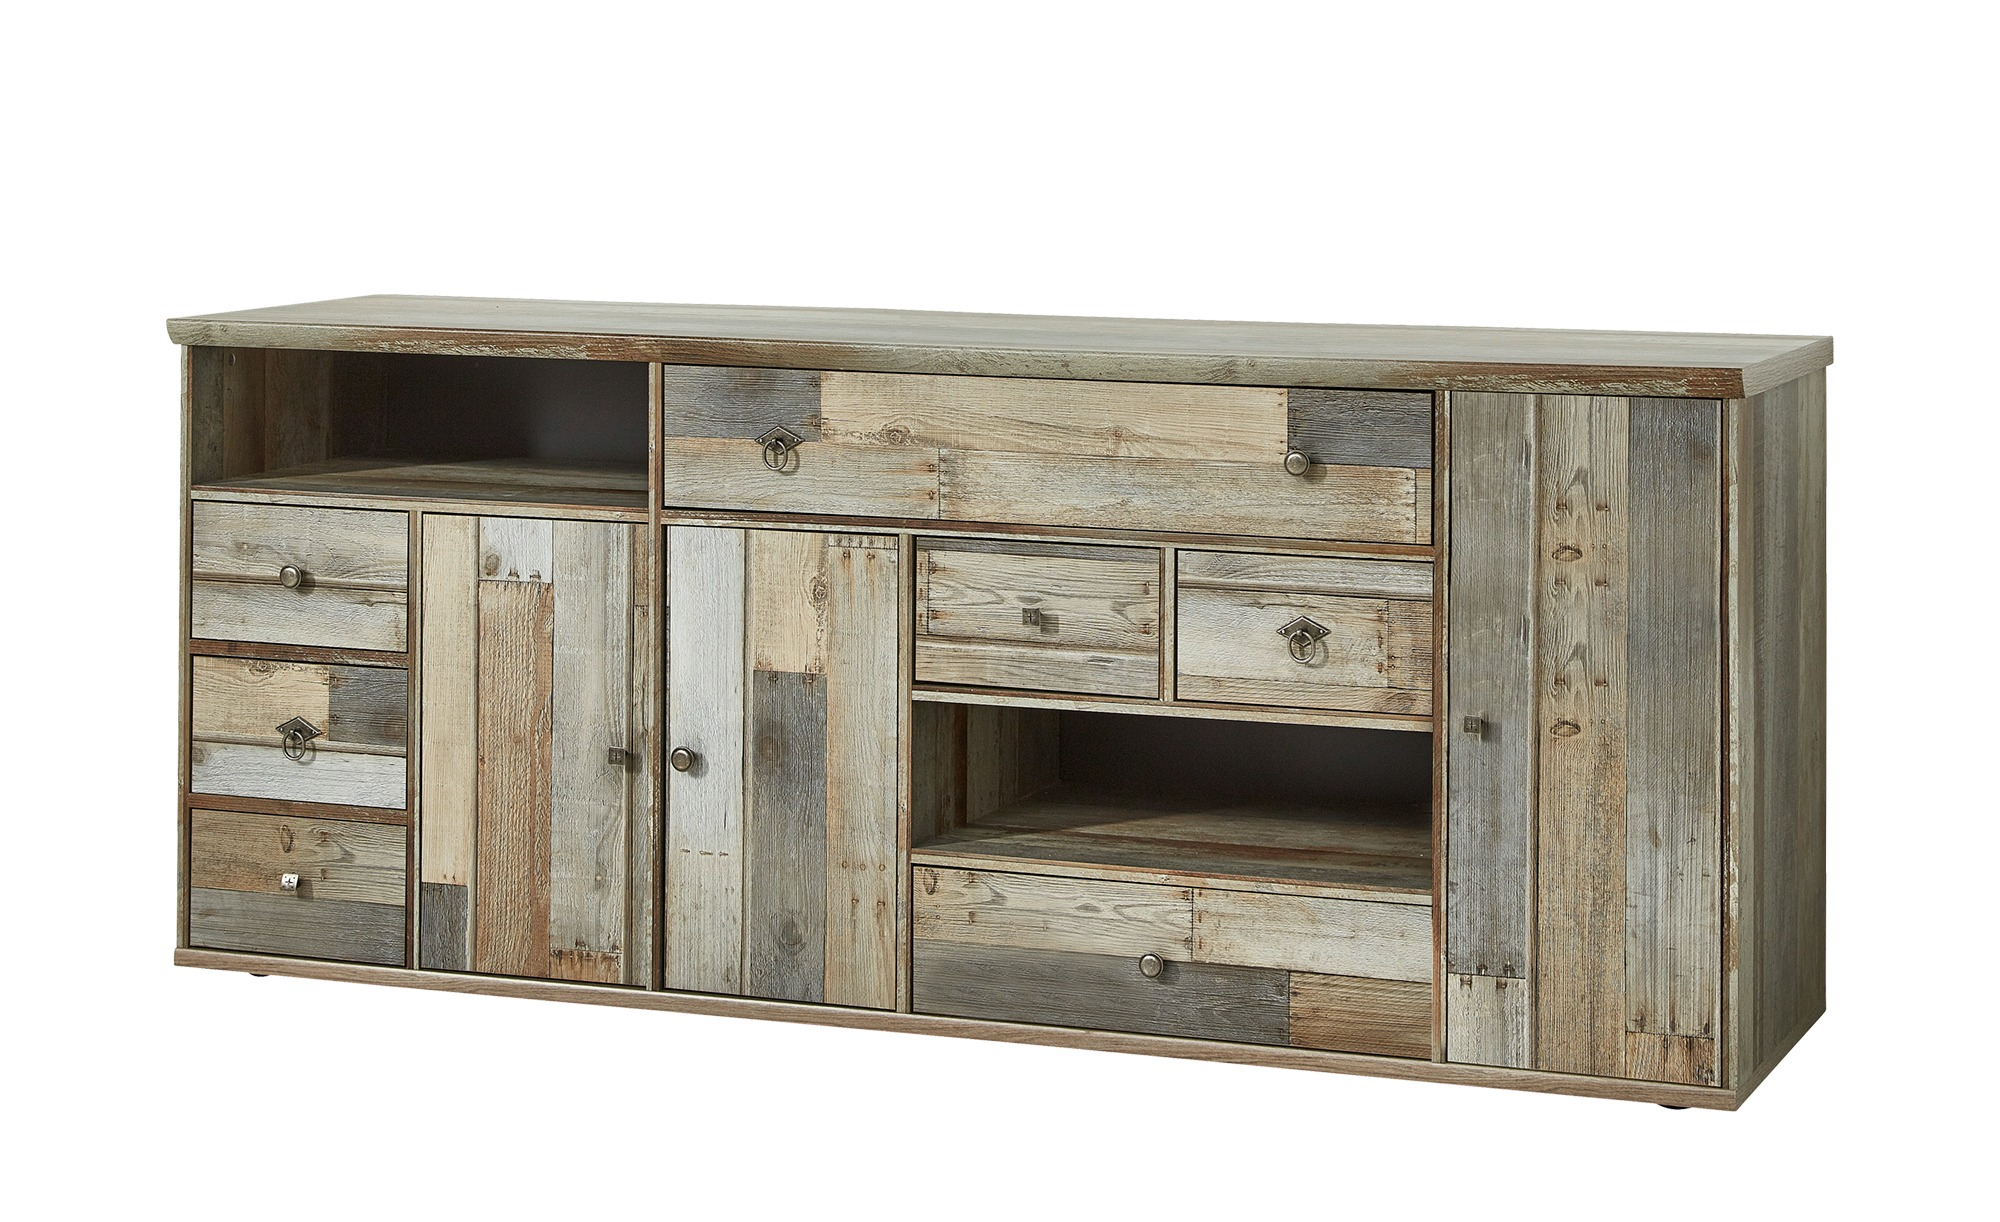 sideboard sedona breite 194 cm h he 80 cm holzfarben online kaufen bei woonio. Black Bedroom Furniture Sets. Home Design Ideas